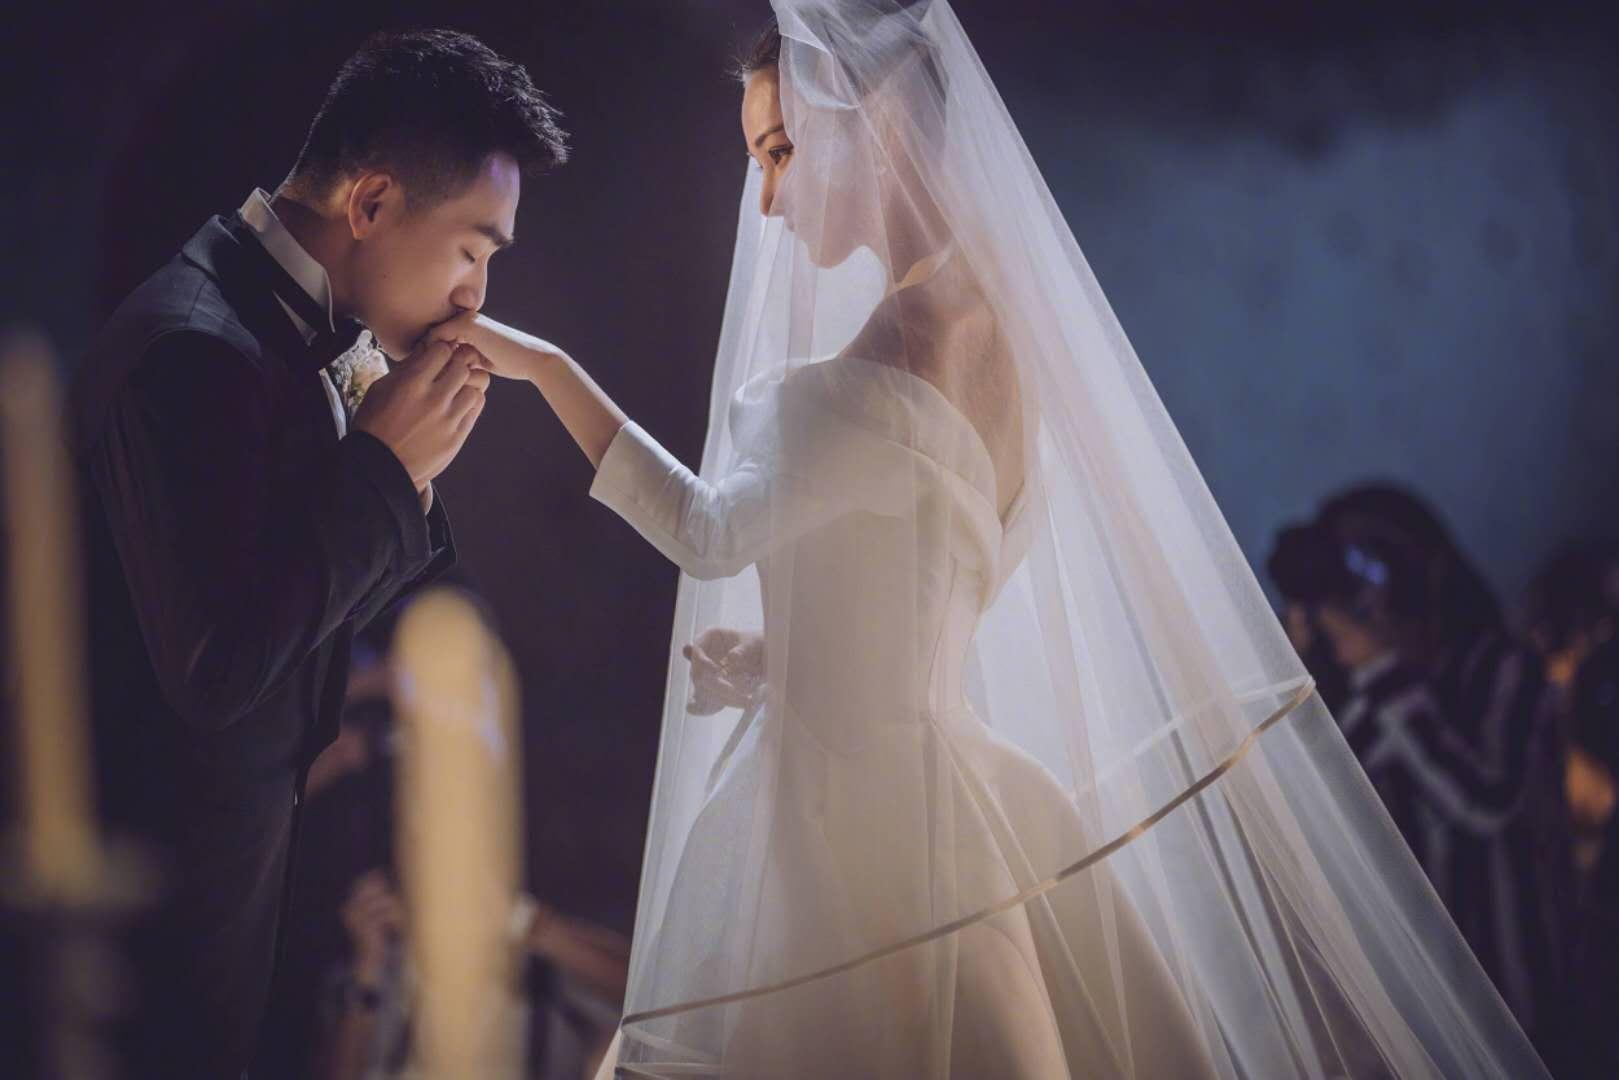 證和婚戒,也是讓一眾吃瓜群眾猝不及防,而李晨和范冰冰卻一直沒有動靜圖片